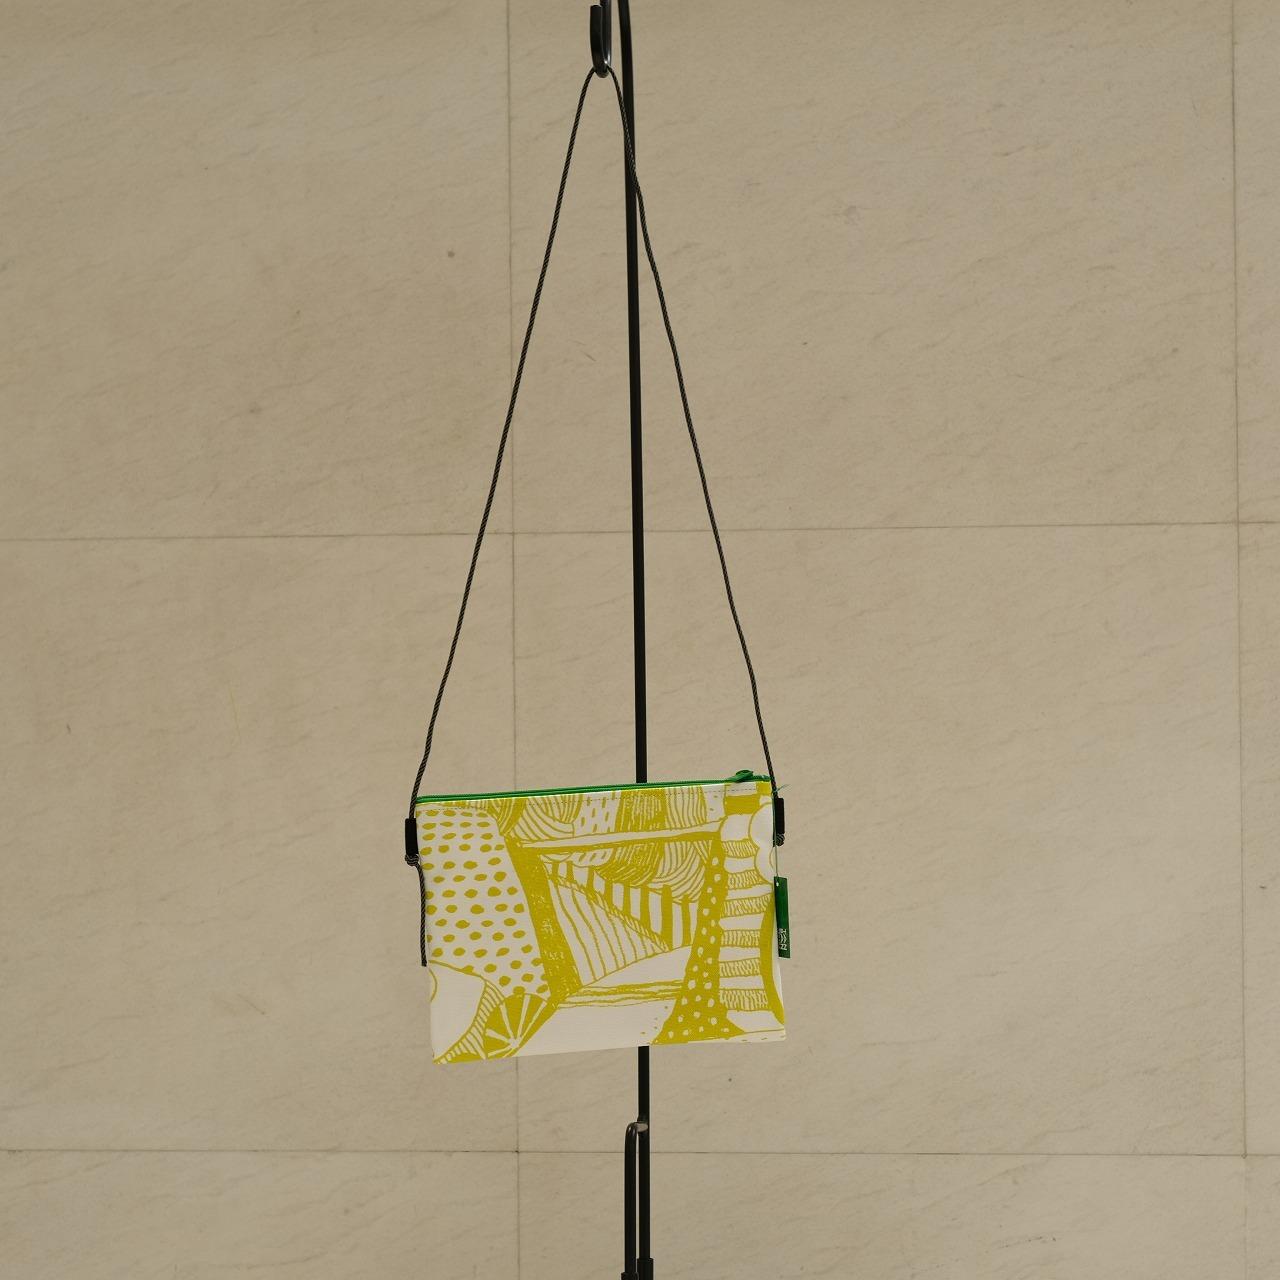 炭酸デザイン室 オンライン展示会 サコッシュ_d0182409_17021193.jpg